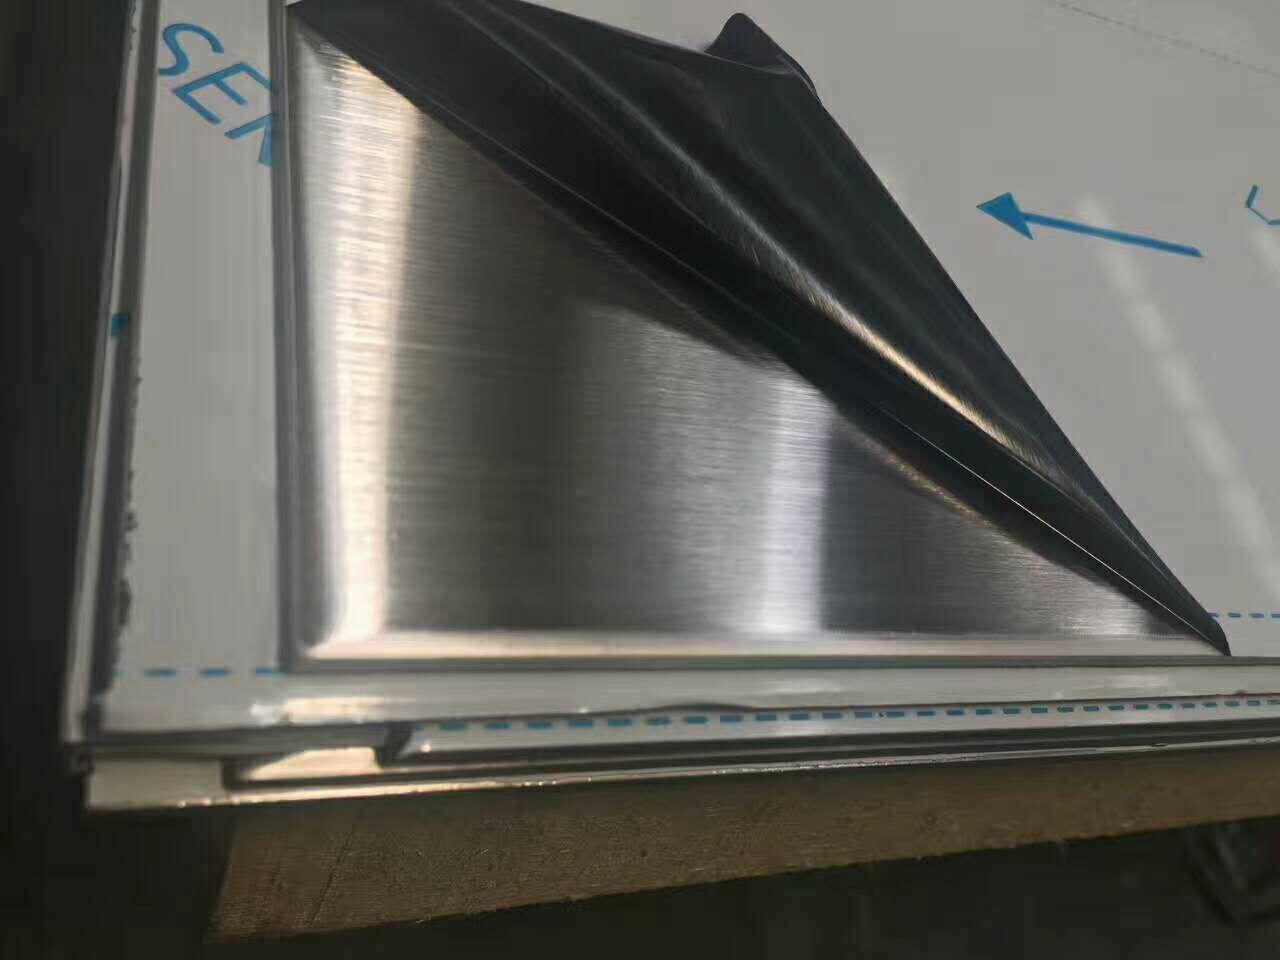 2507不锈钢板/无锡2507不锈钢板现货